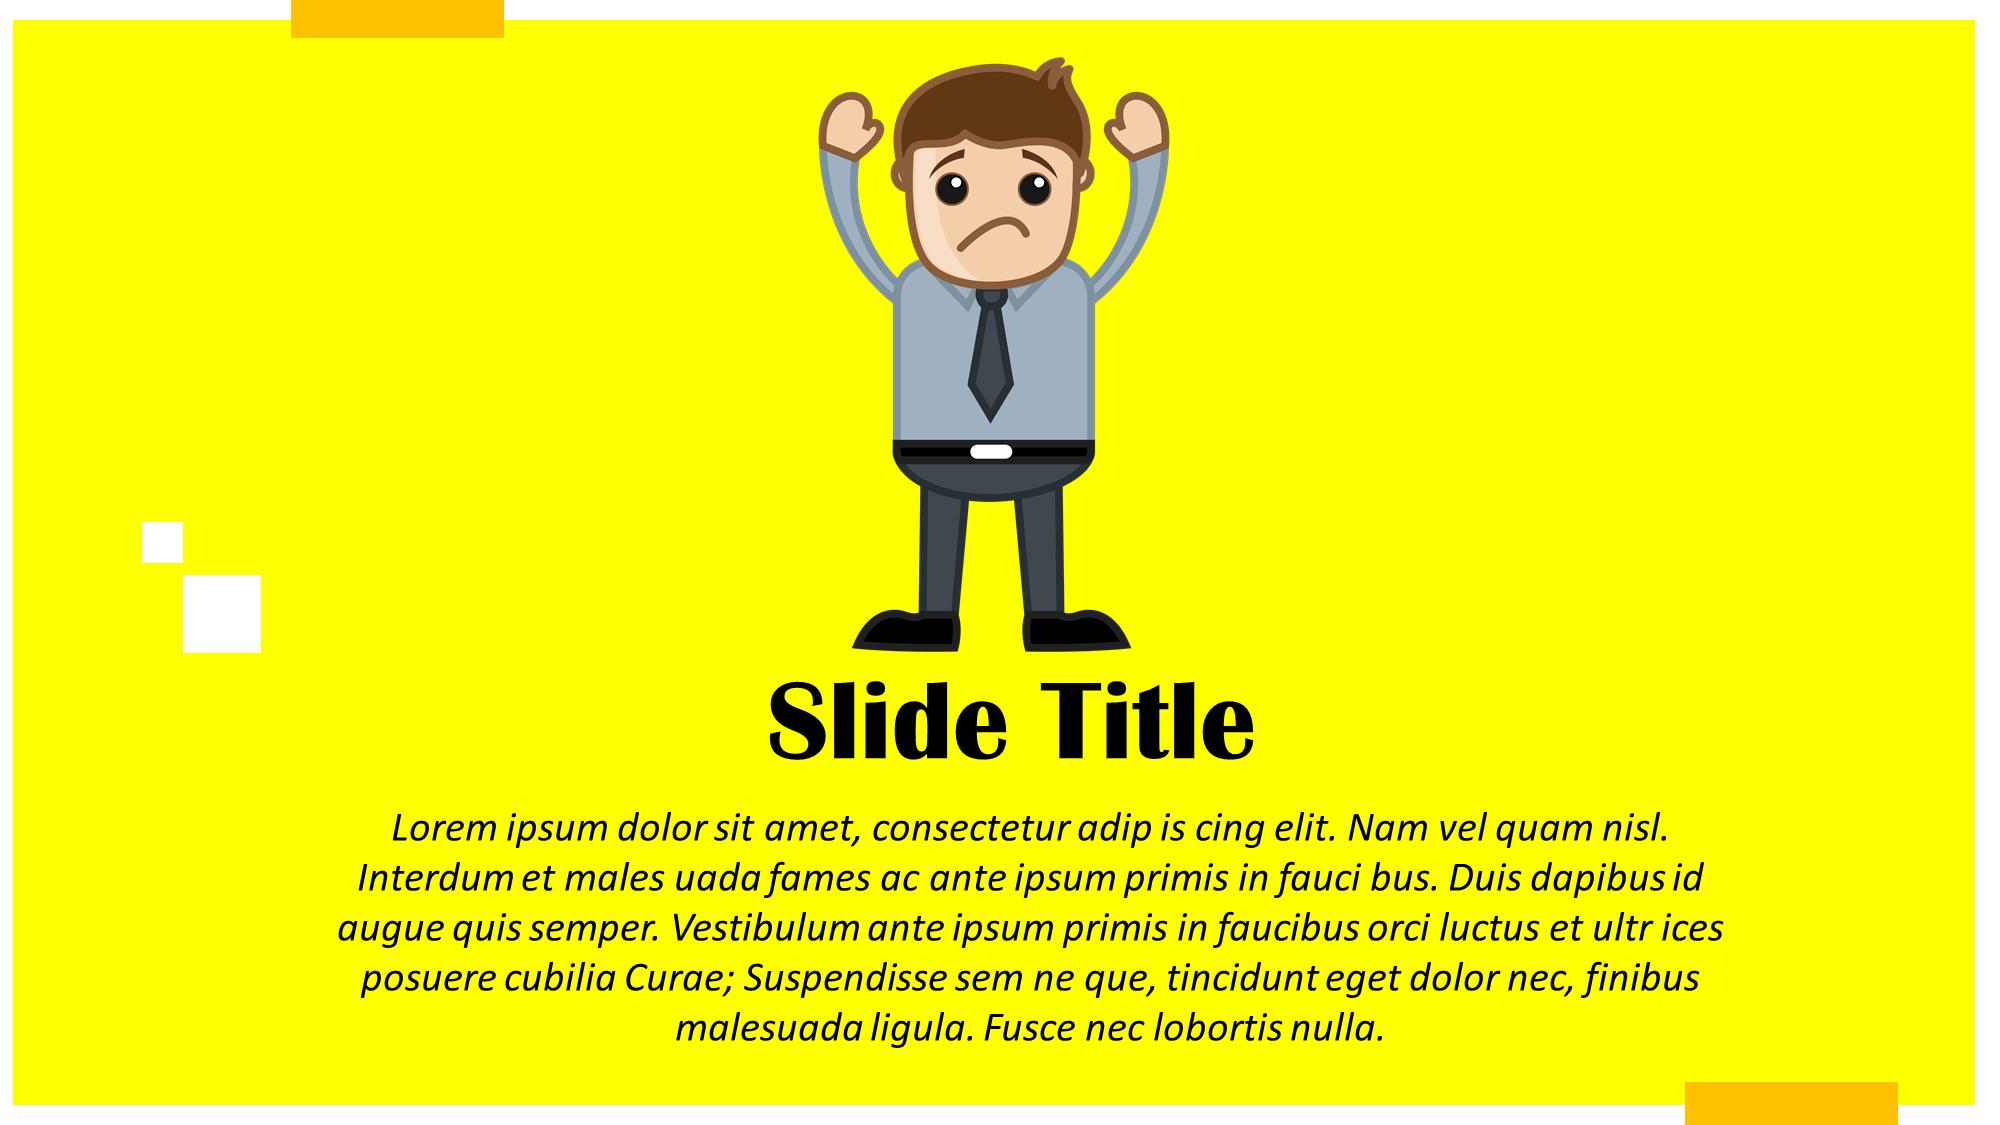 Sad Secretary Cartoon Slide